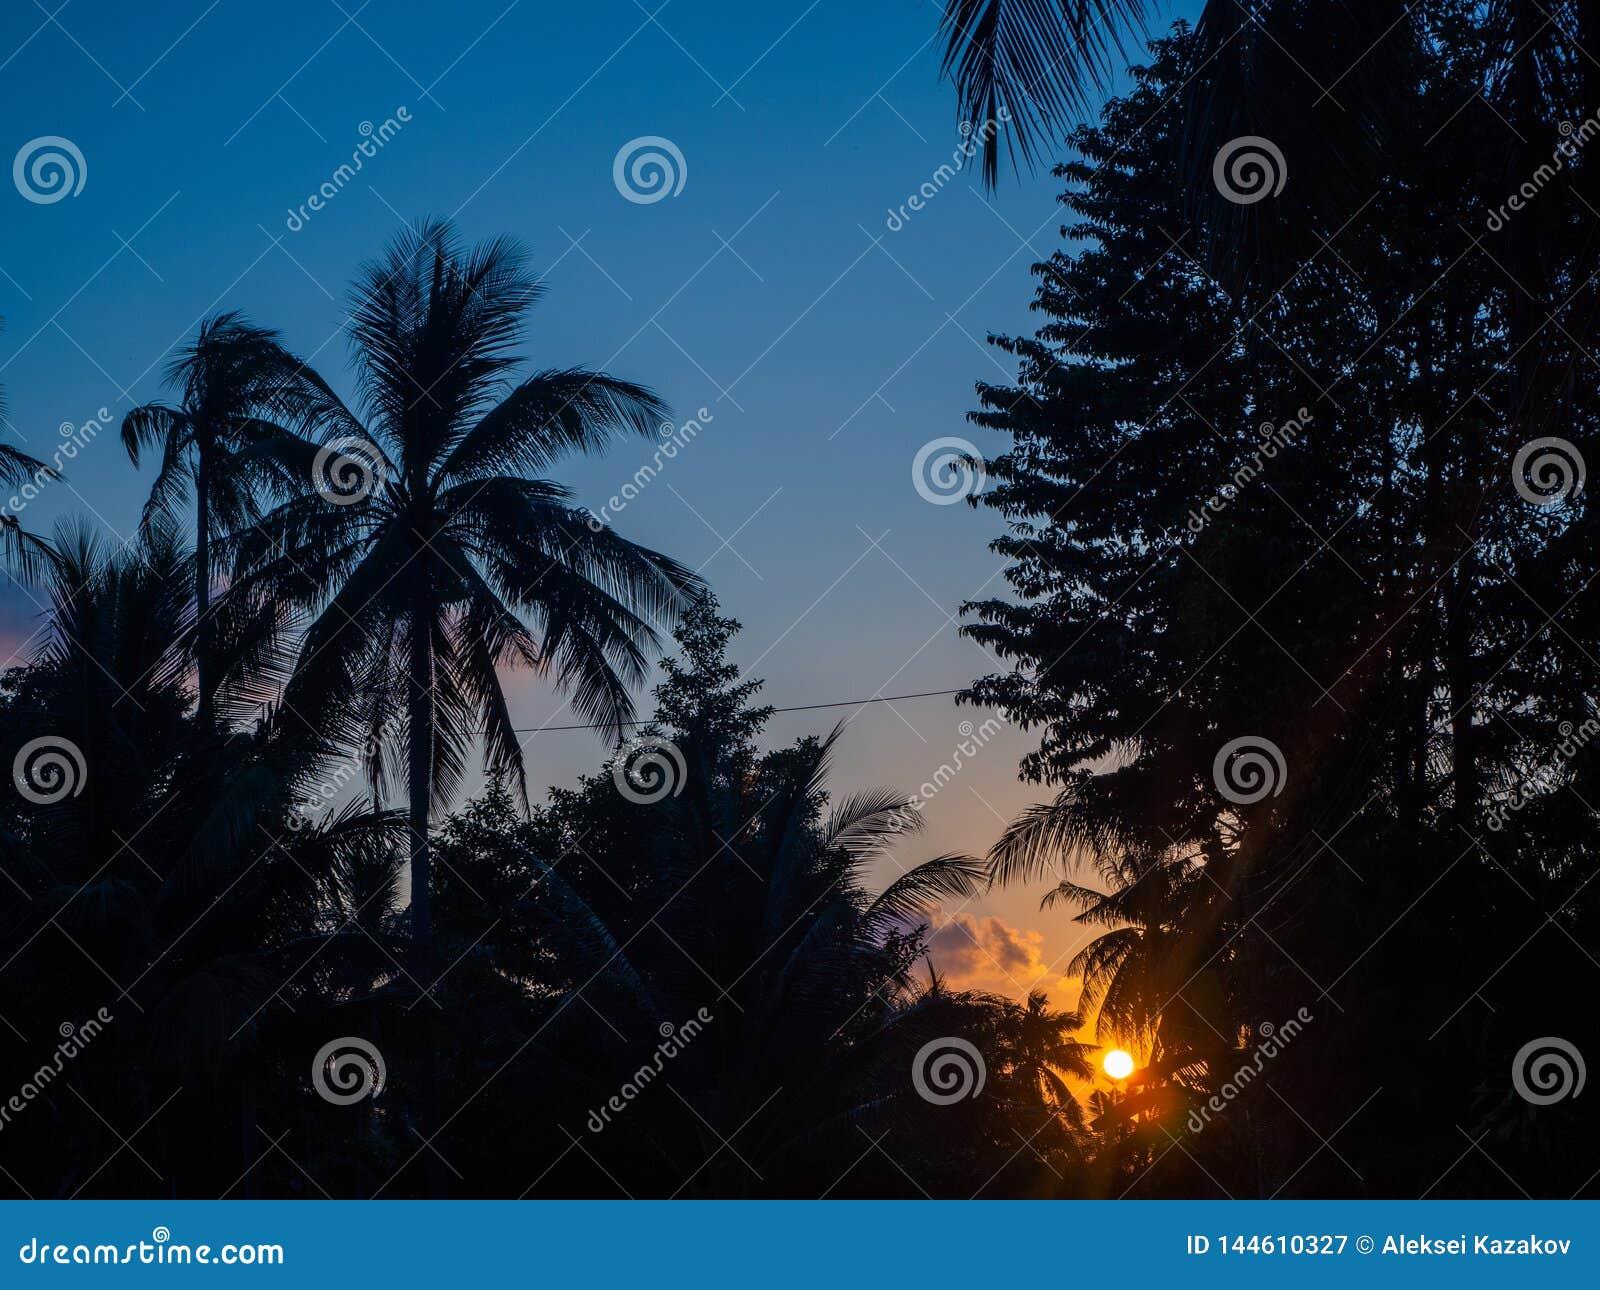 Kontur av palmtr?d p? solnedg?ngen och m?ngf?rgade moln